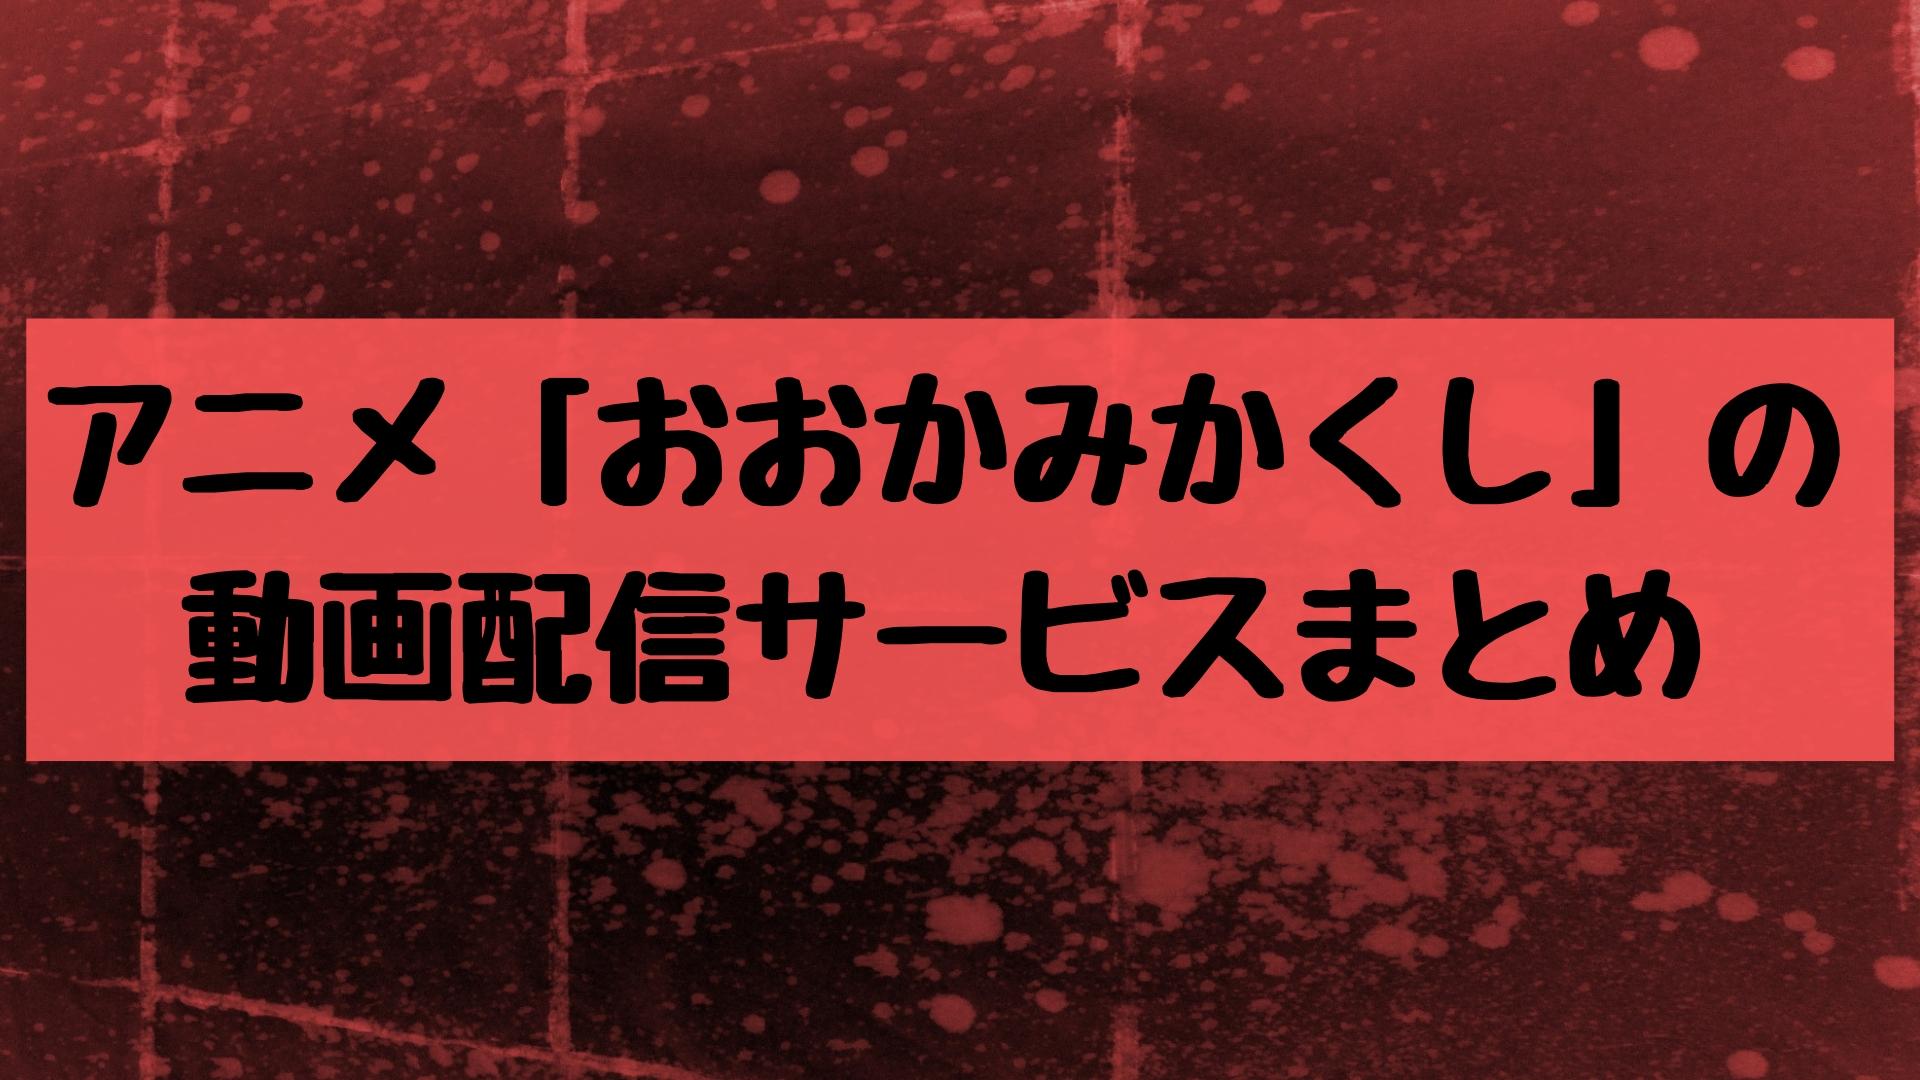 アニメ「おおかみかくし」の動画配信サービスまとめ【Anitubeよりこっち】